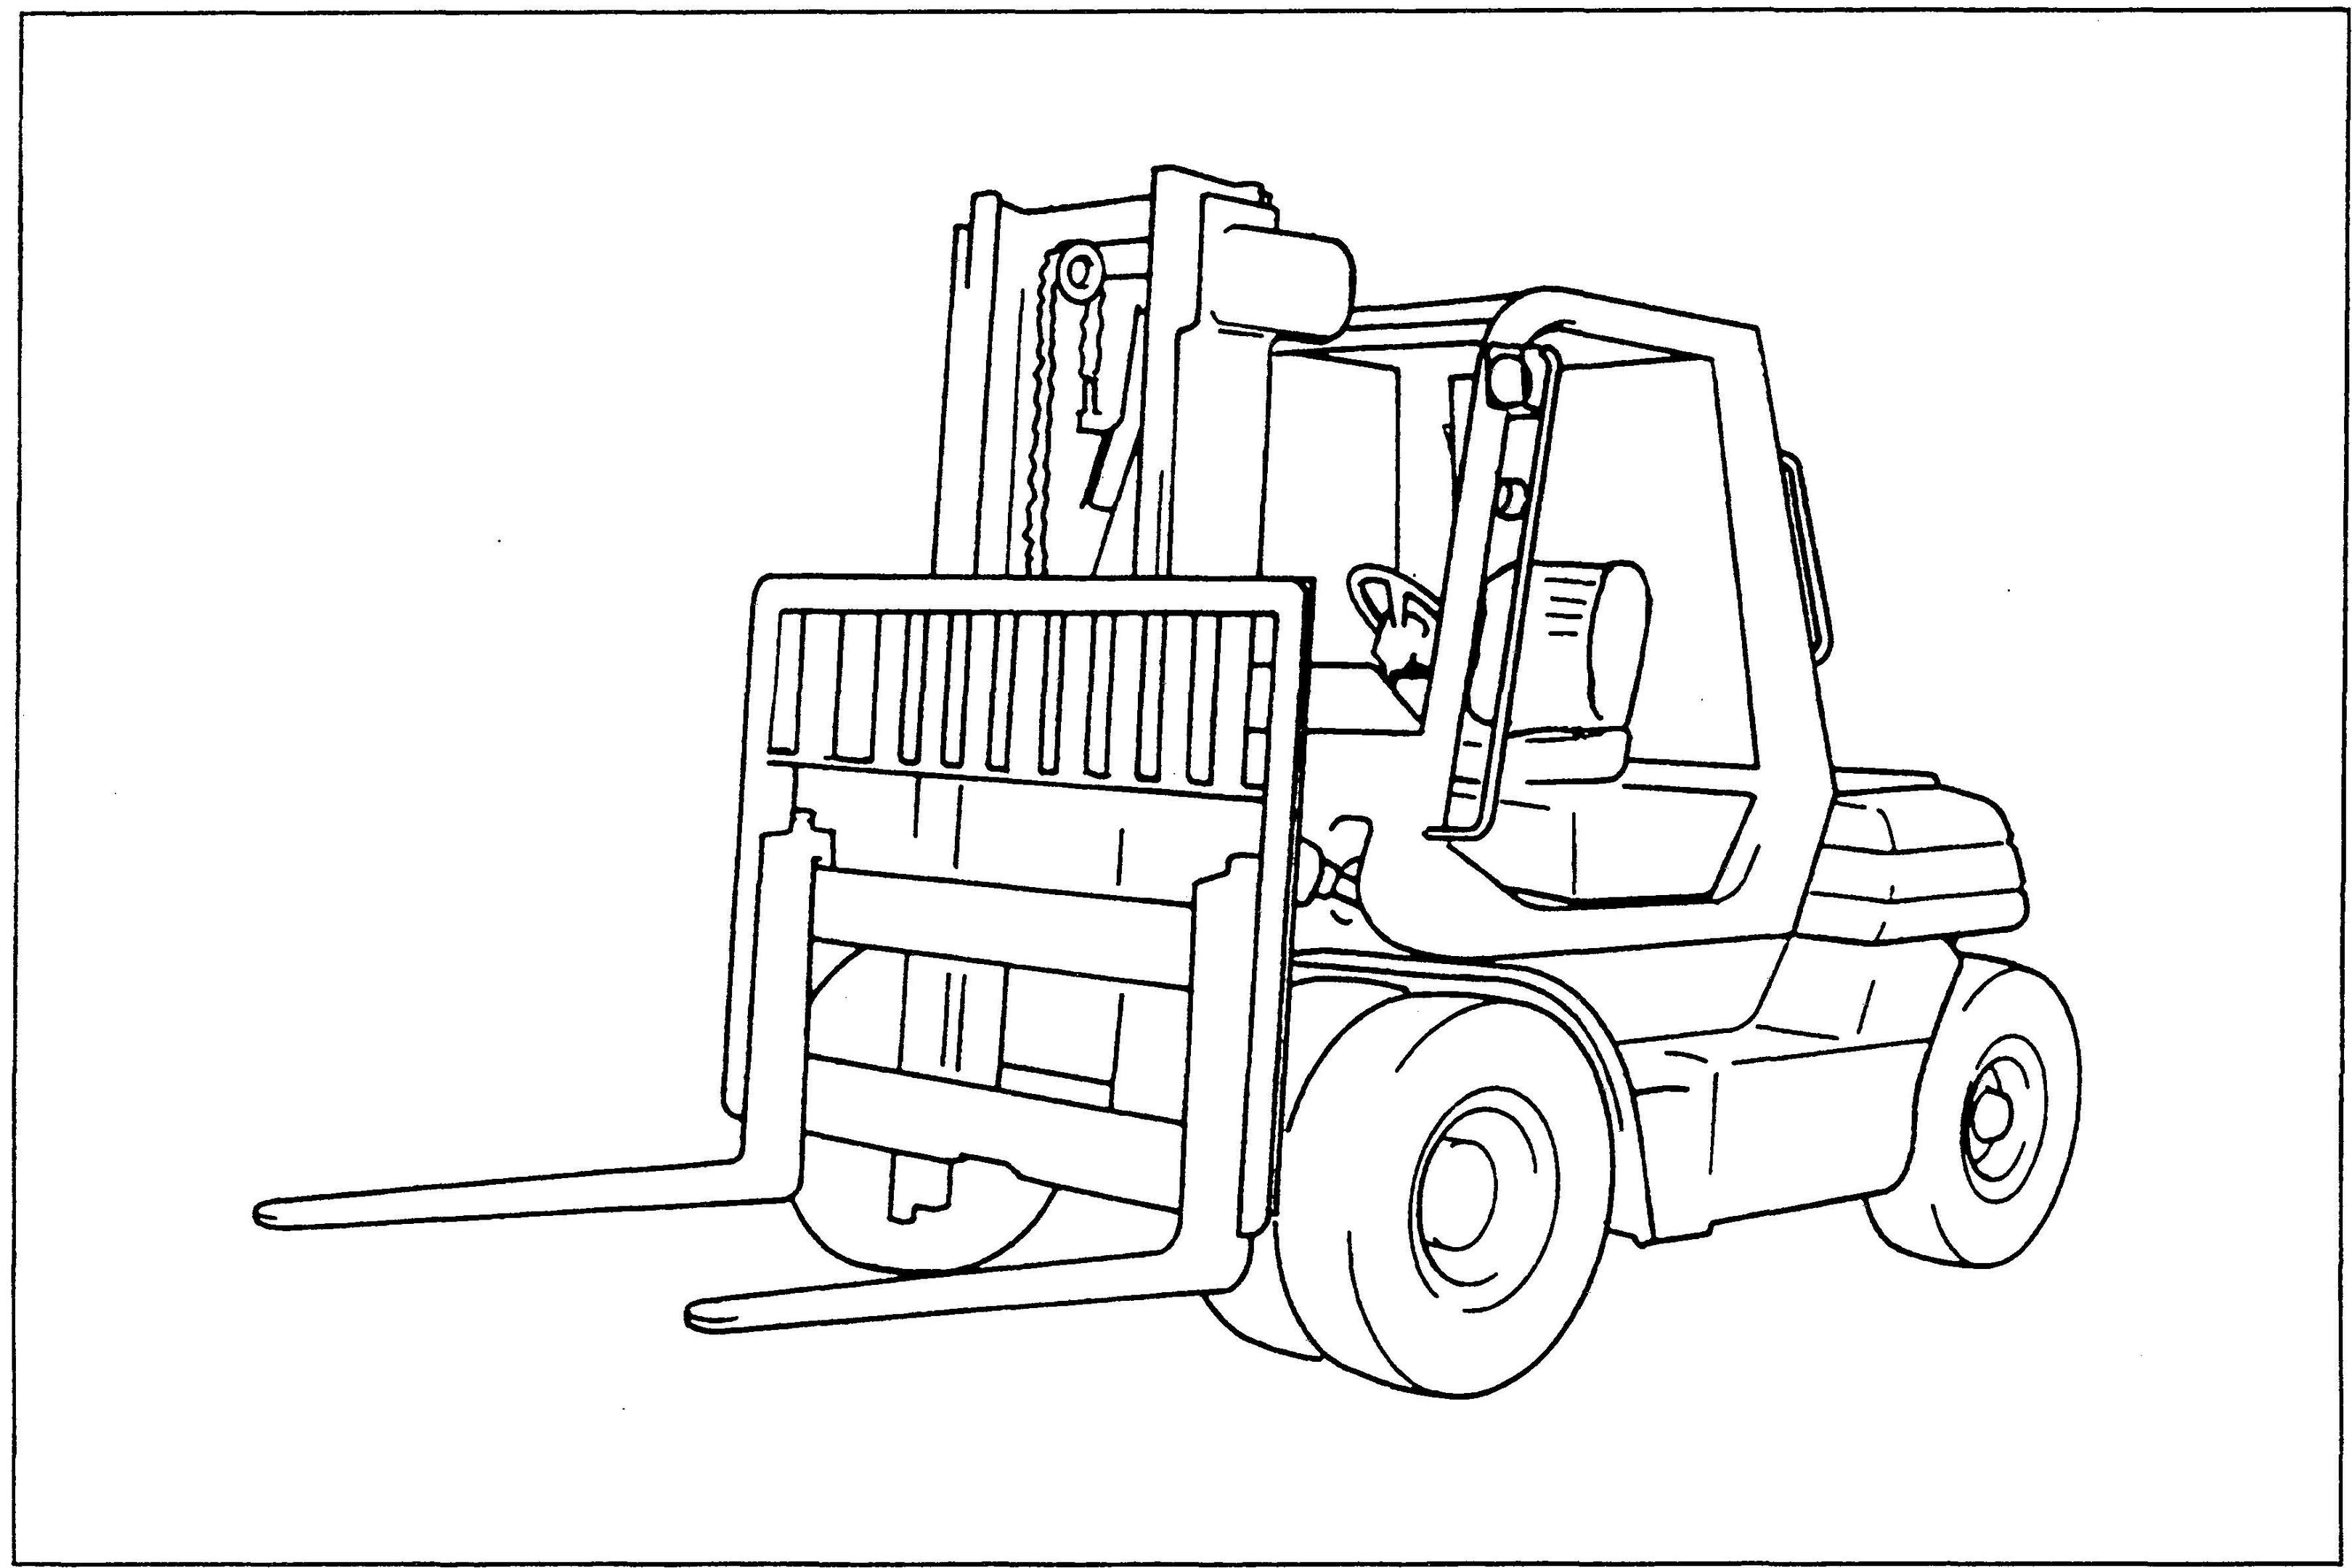 Toyotum Forklift Starter Wiring 7fg25 - ls1 wire harness ... on